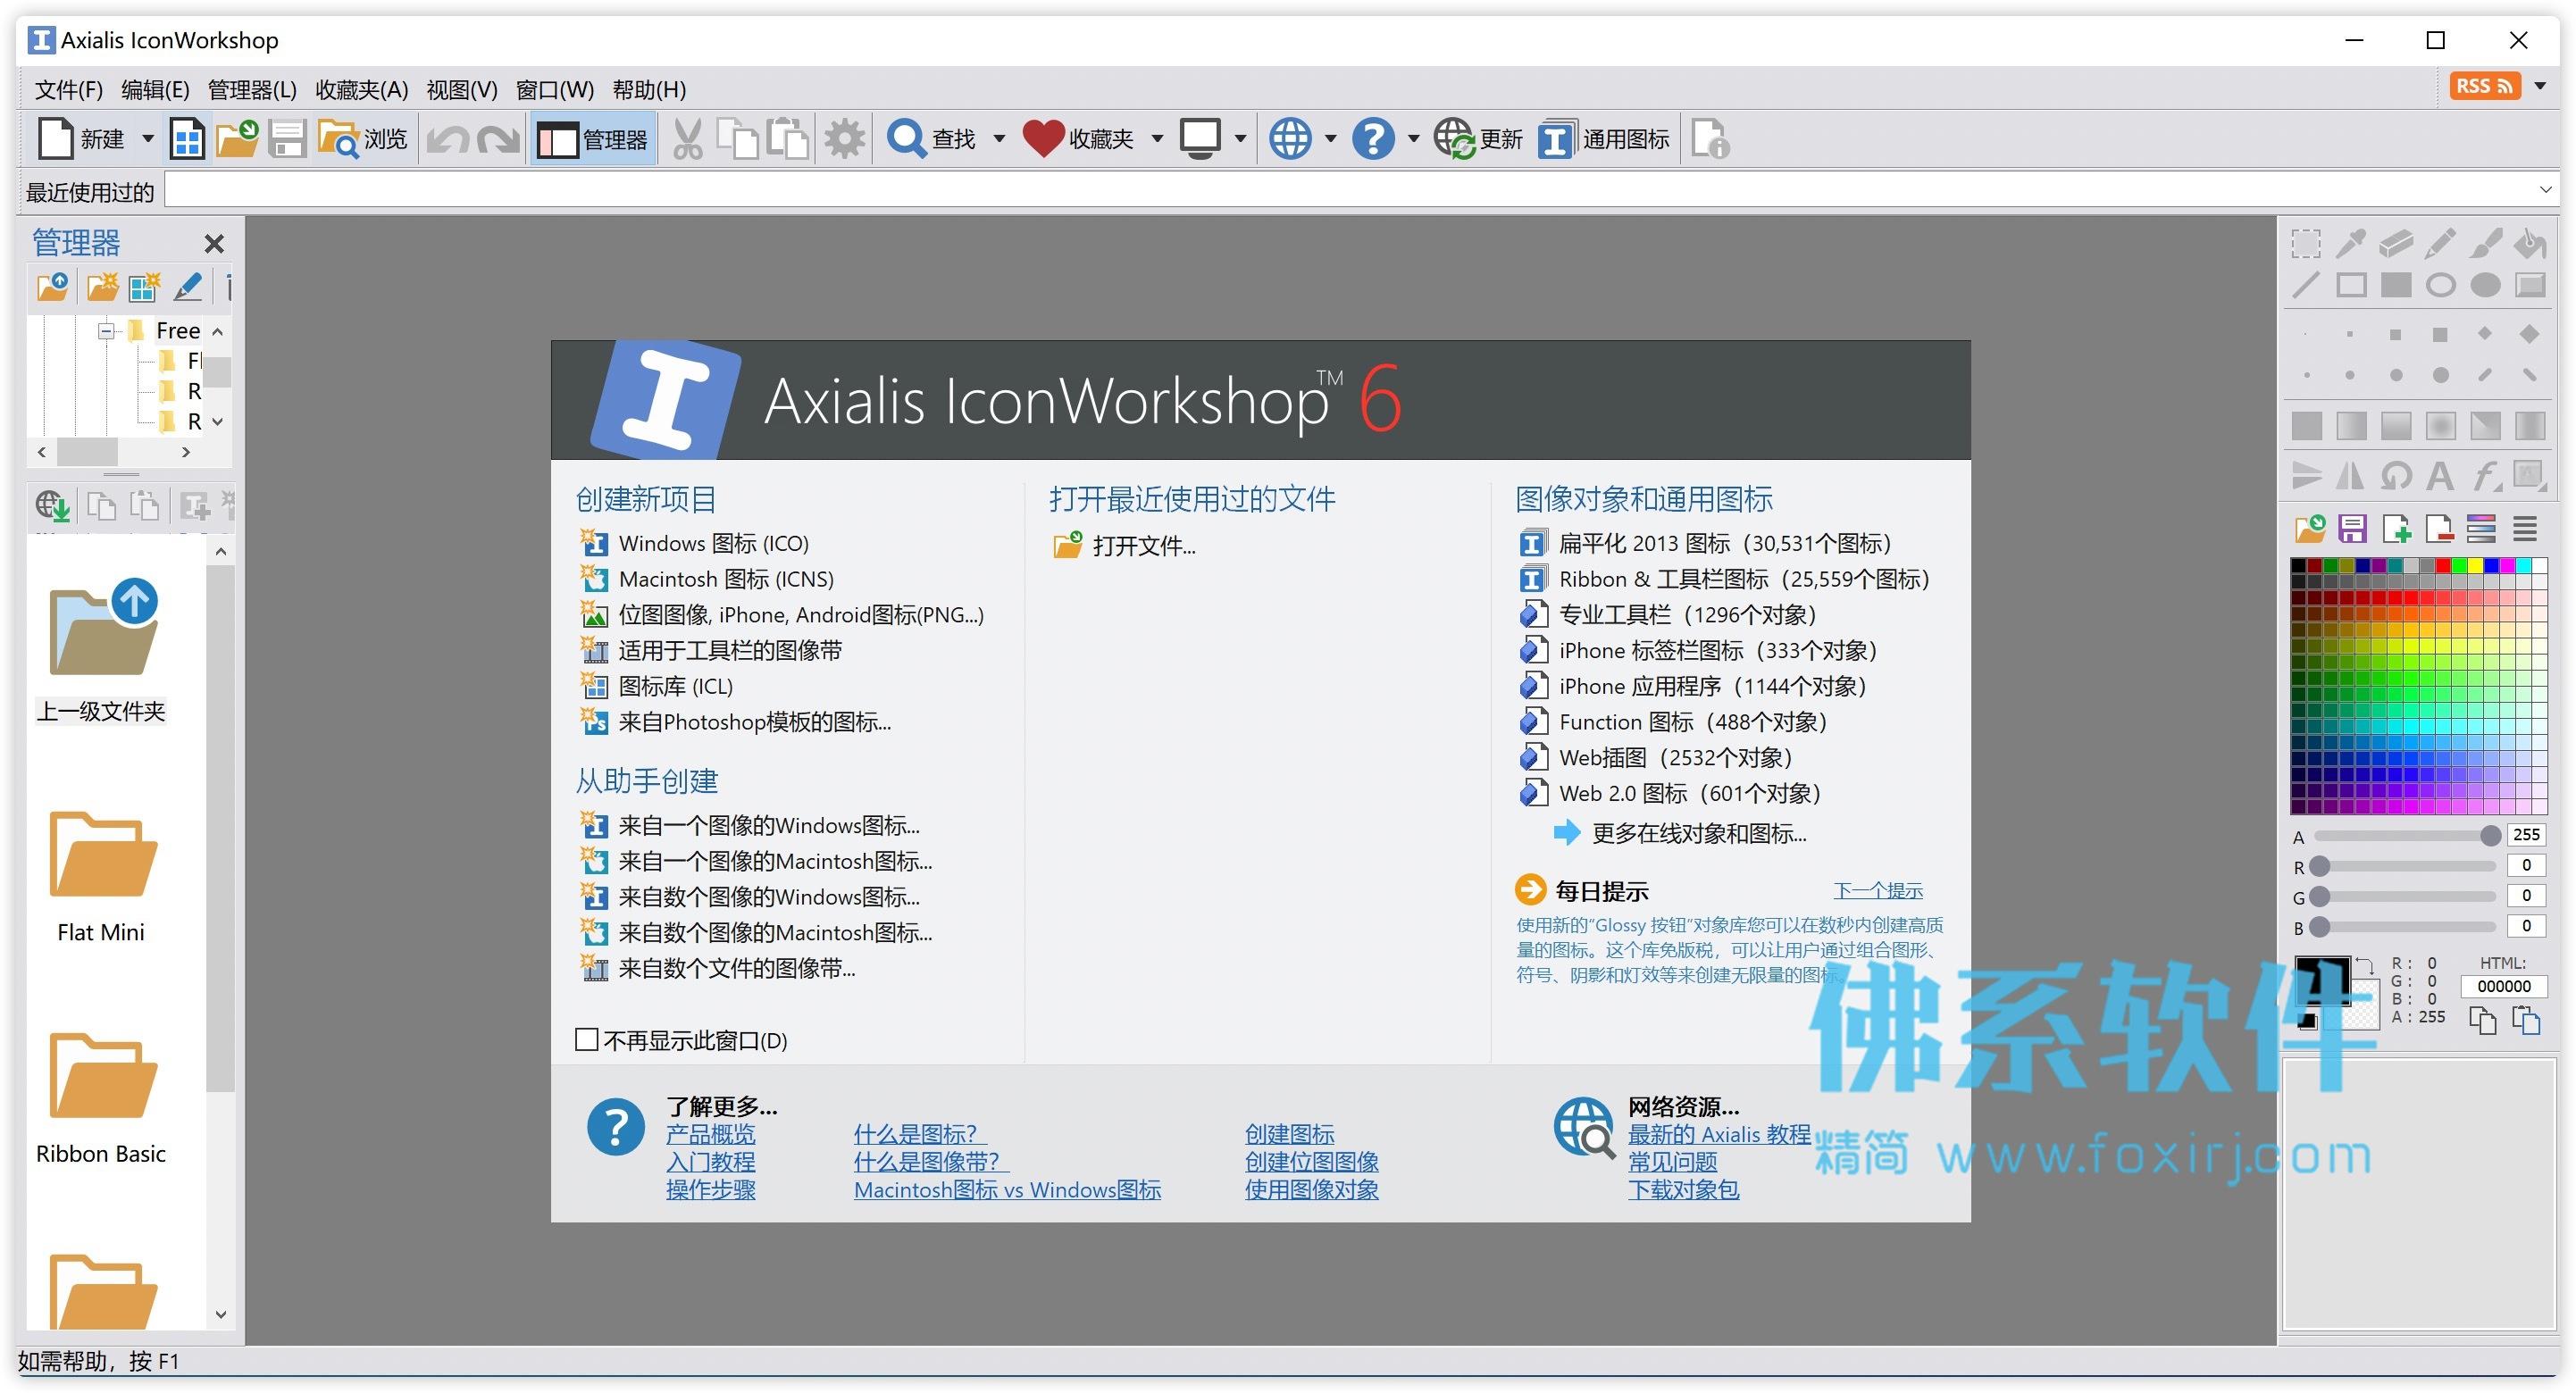 专业ICO图标制作软件 Axialis IconWorkshop Pro 汉化破解版